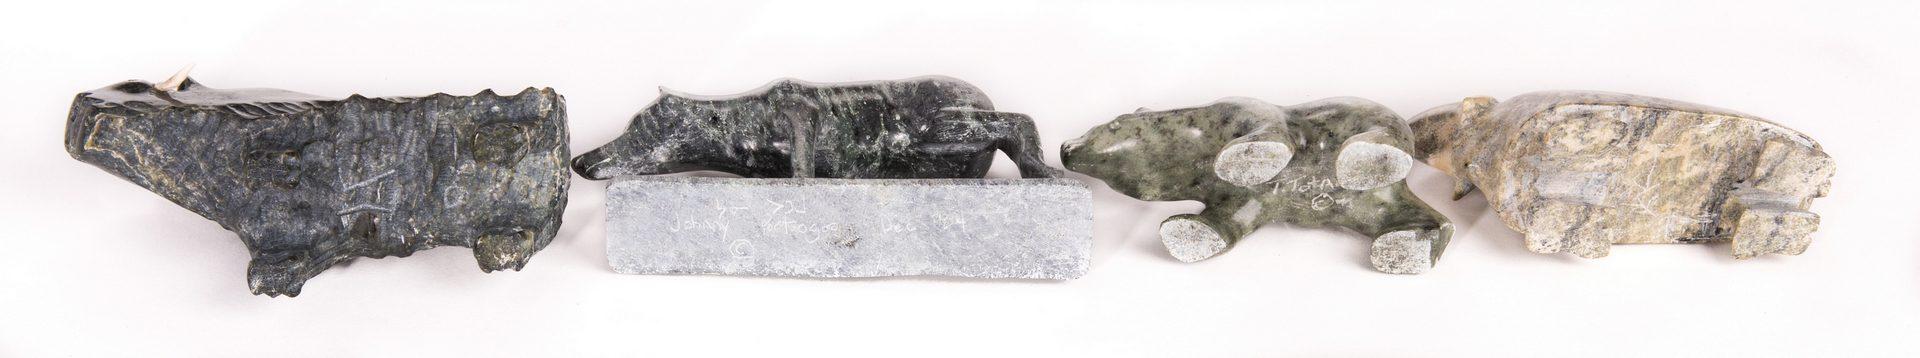 Lot 96: 15 Inuit Stone Carvings, inc. Pootoogook, General, Utye